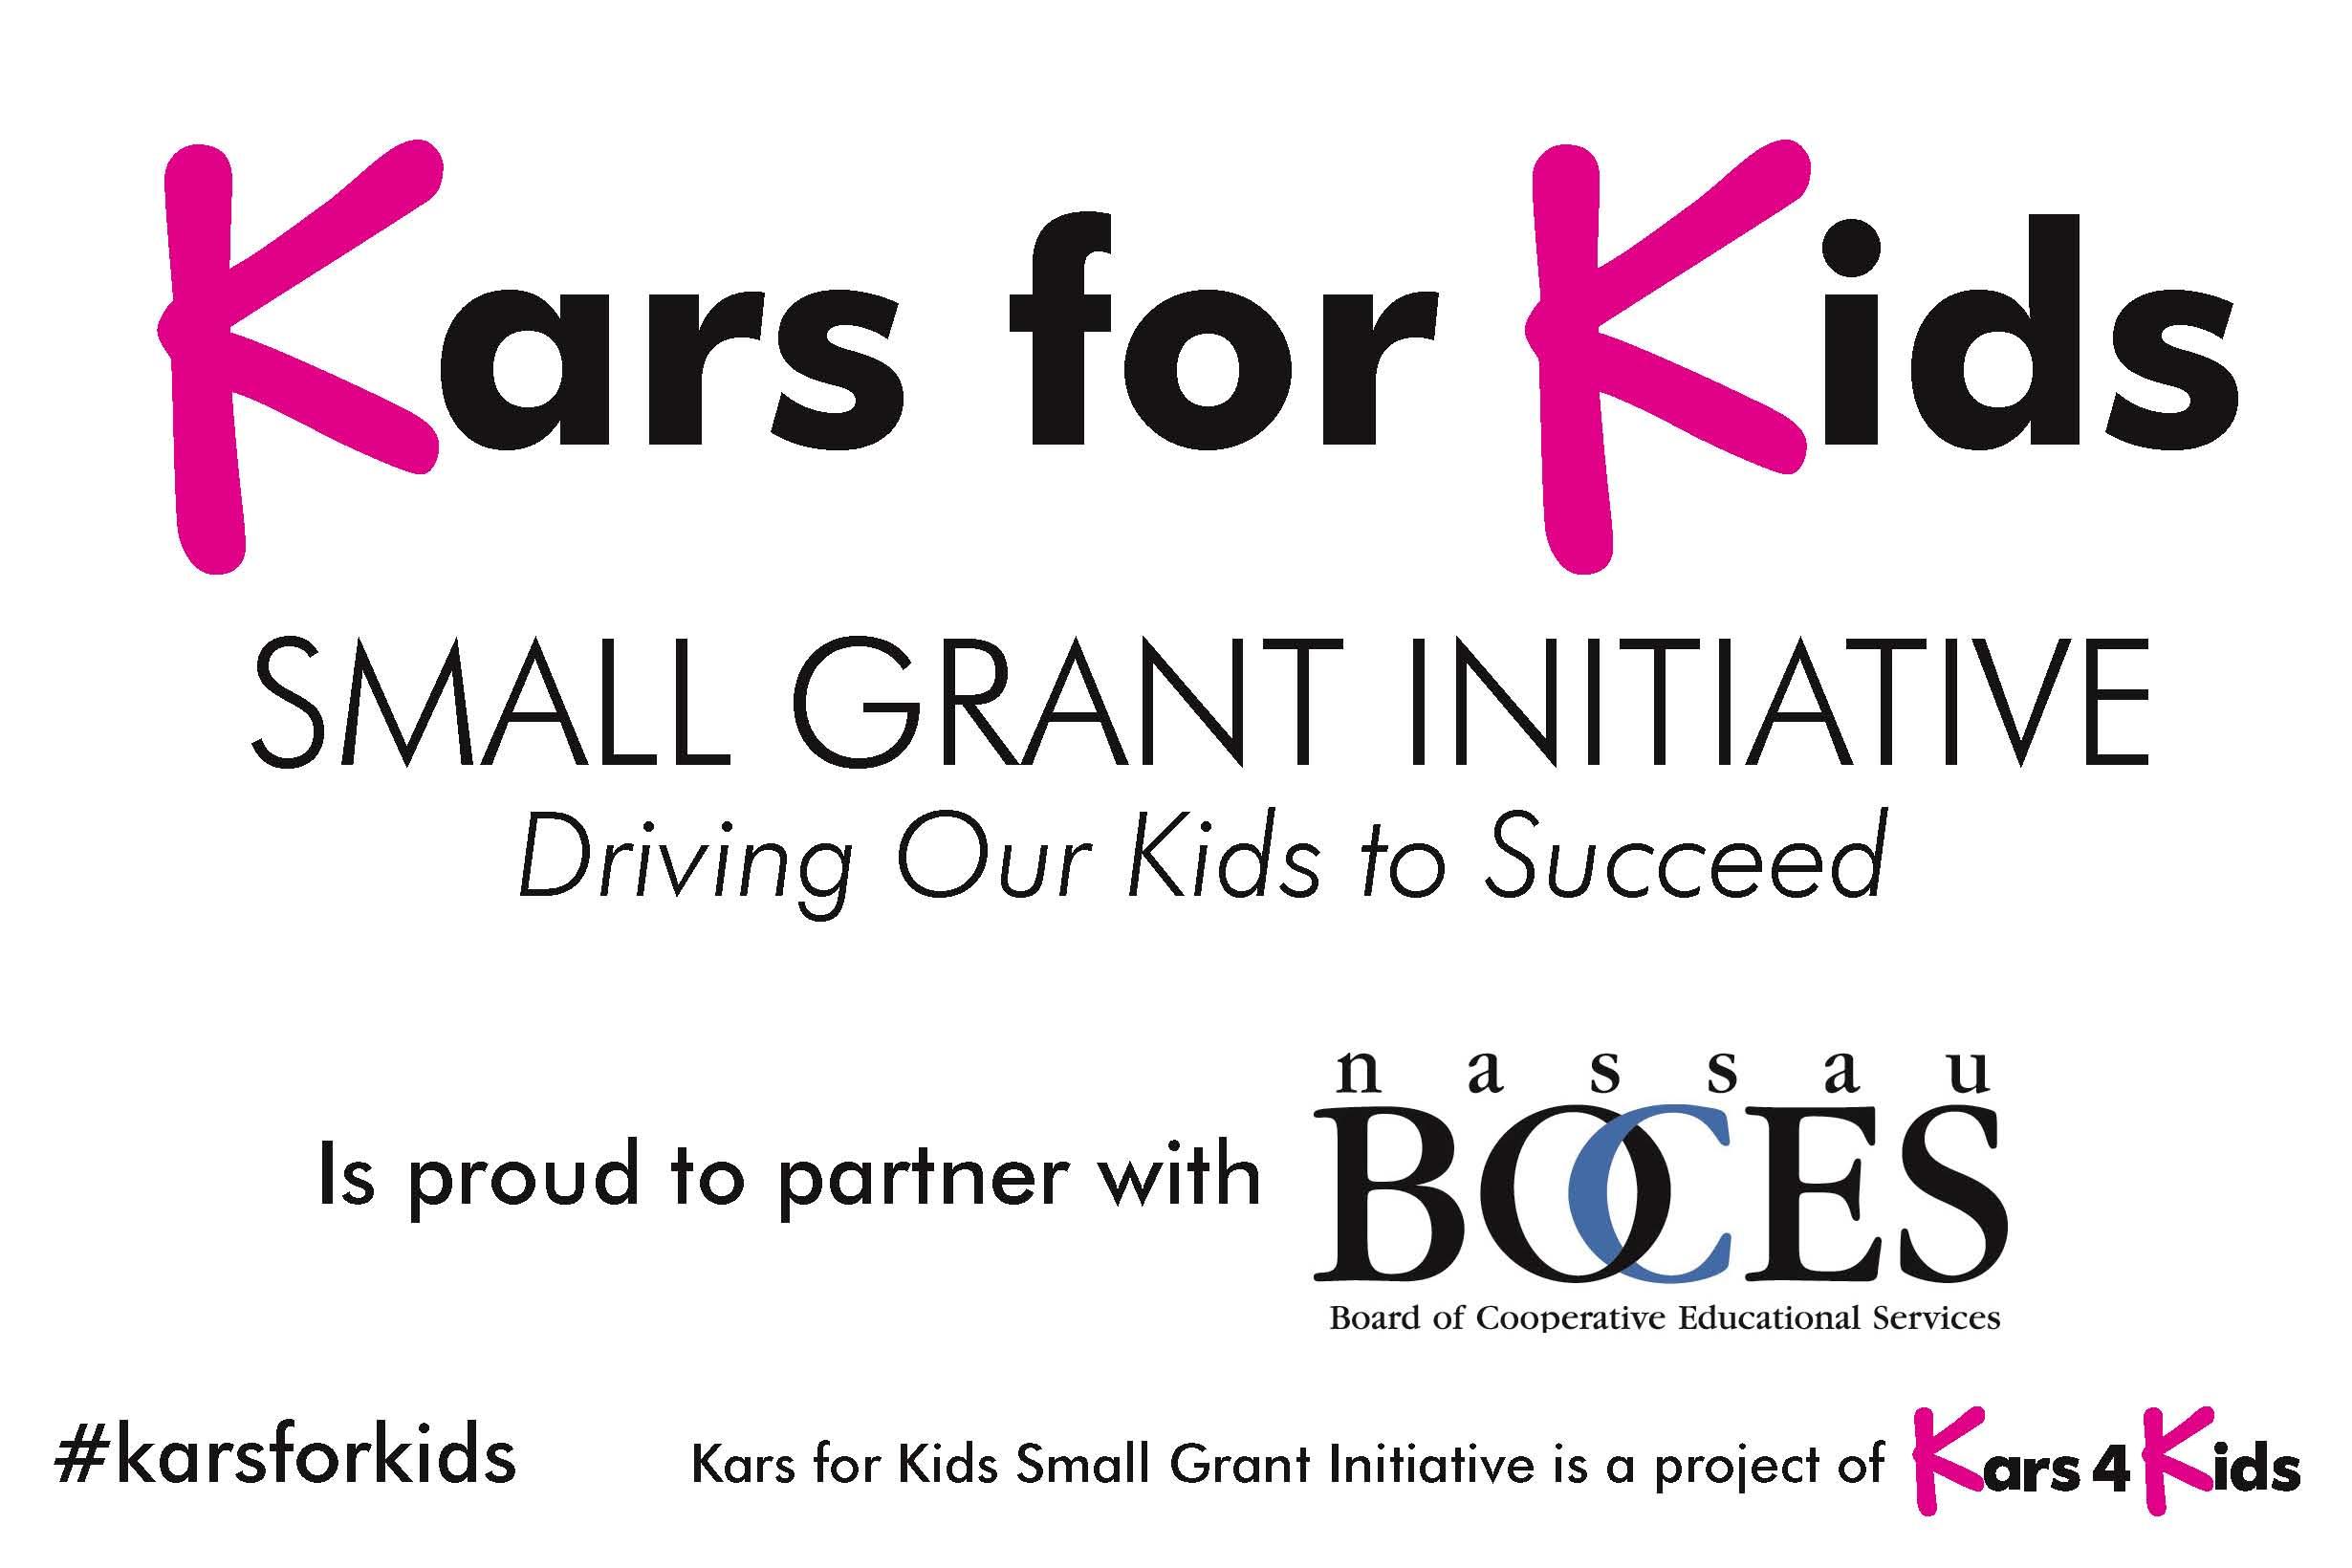 kars4kids donates cars for mechanic training kars4kids blog. Black Bedroom Furniture Sets. Home Design Ideas